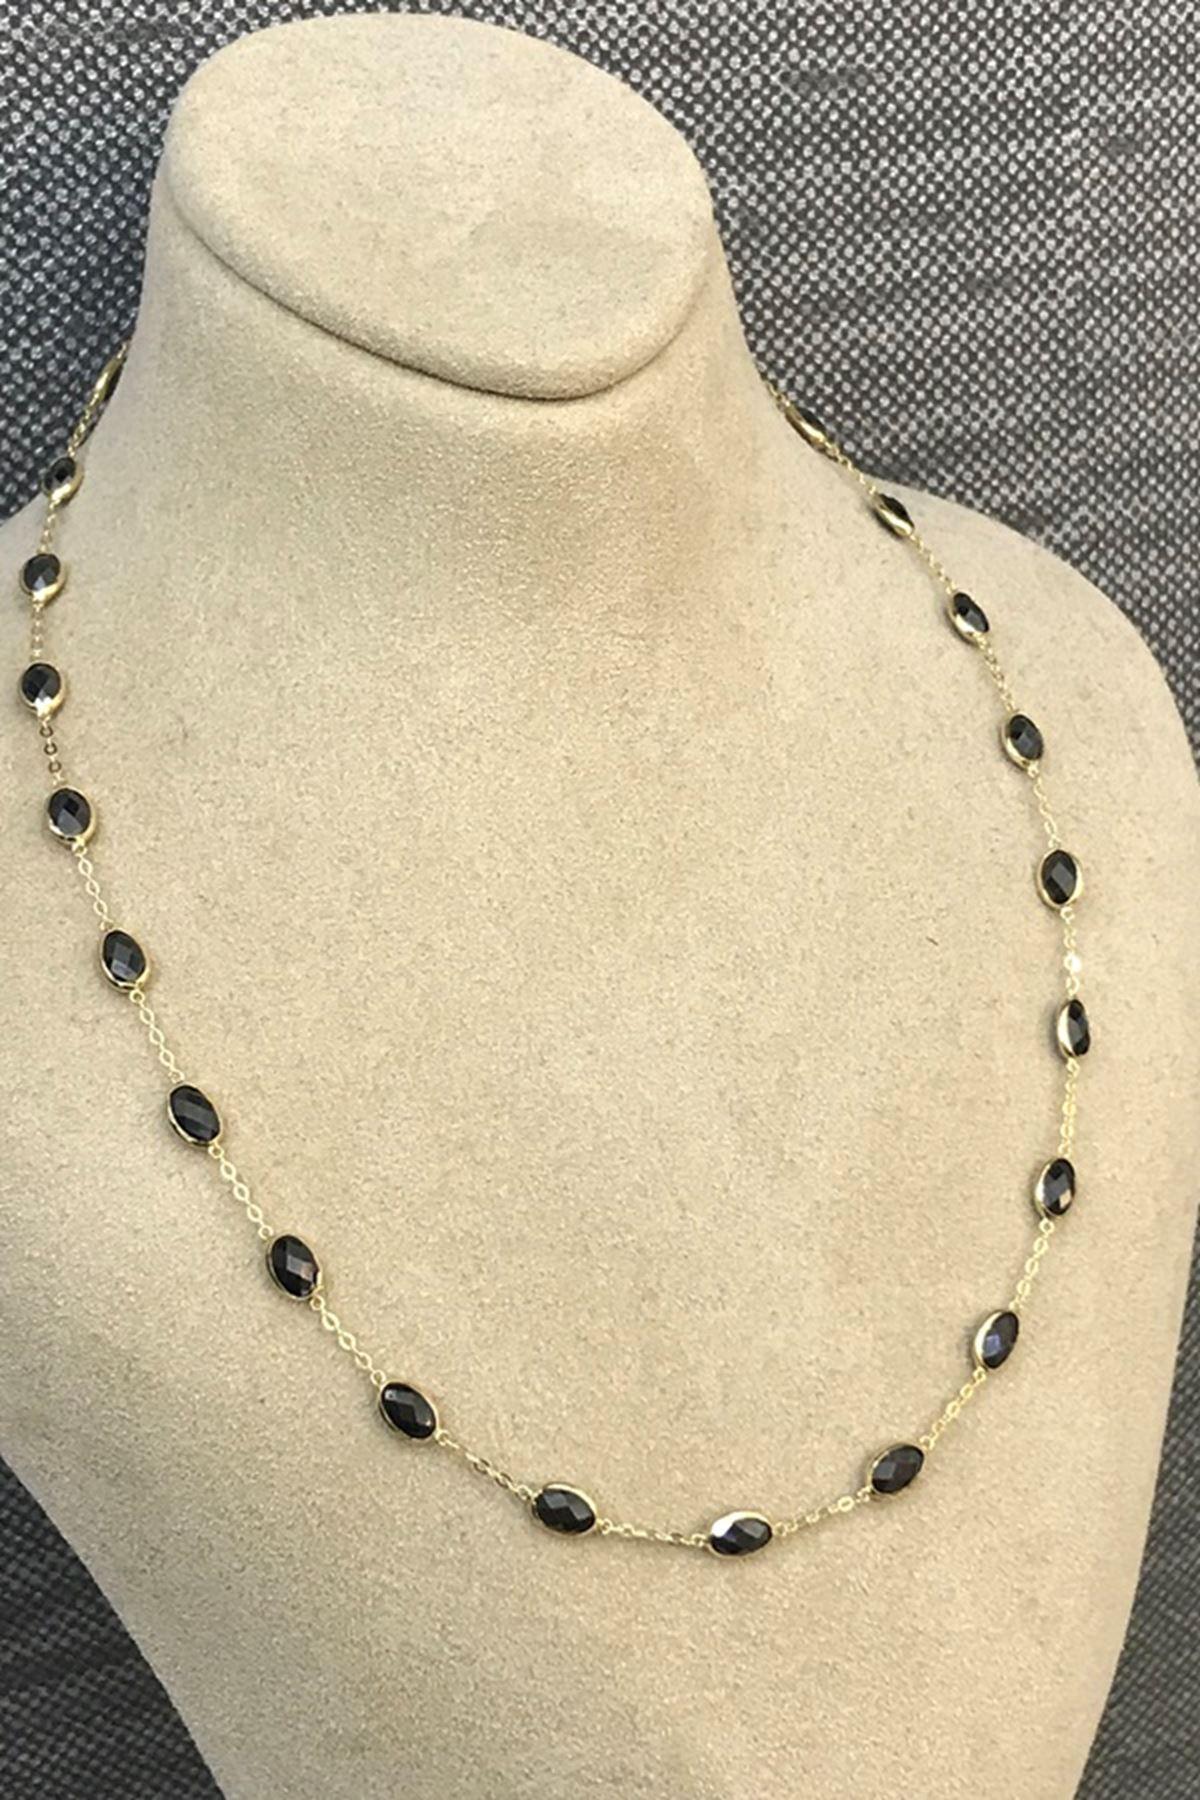 Siyah Taşlı Tiffany Zincir KL0210